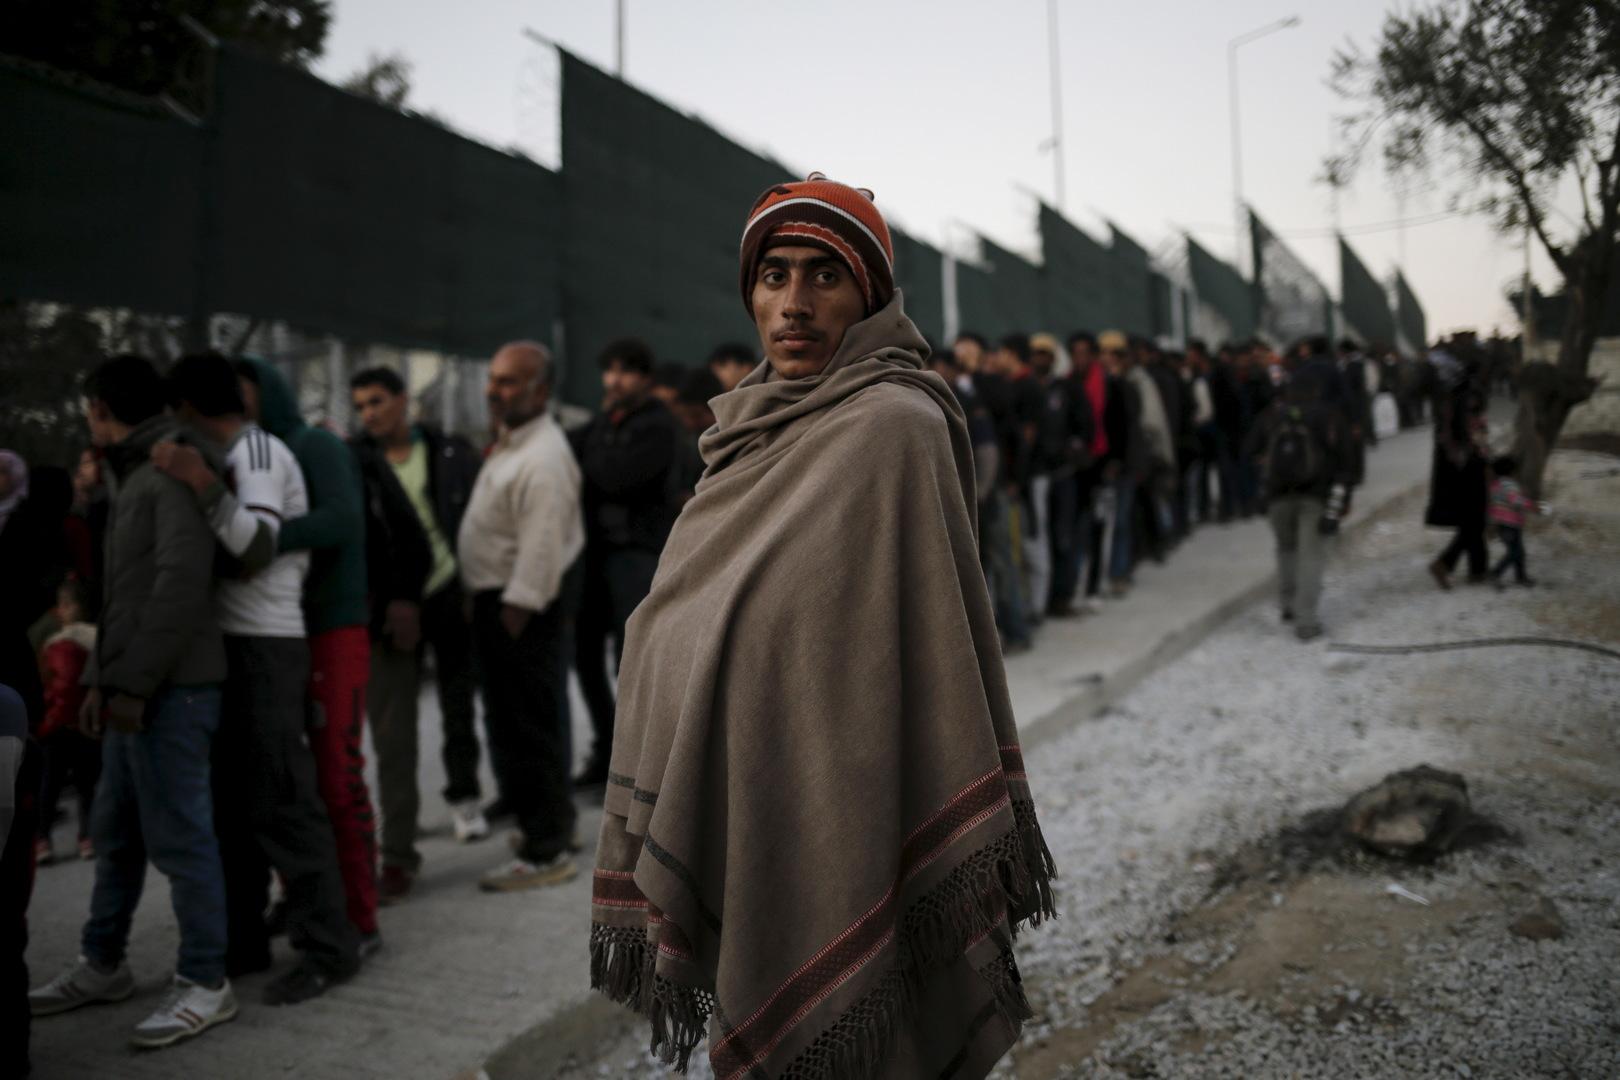 Ein Migrant wird mit einer Decke zugedeckt, während sich Flüchtlinge und Migranten im Flüchtlingslager Moria auf der griechischen Insel Lesbos für eine Lebensmittelverteilung anstellen. 5. November 2015